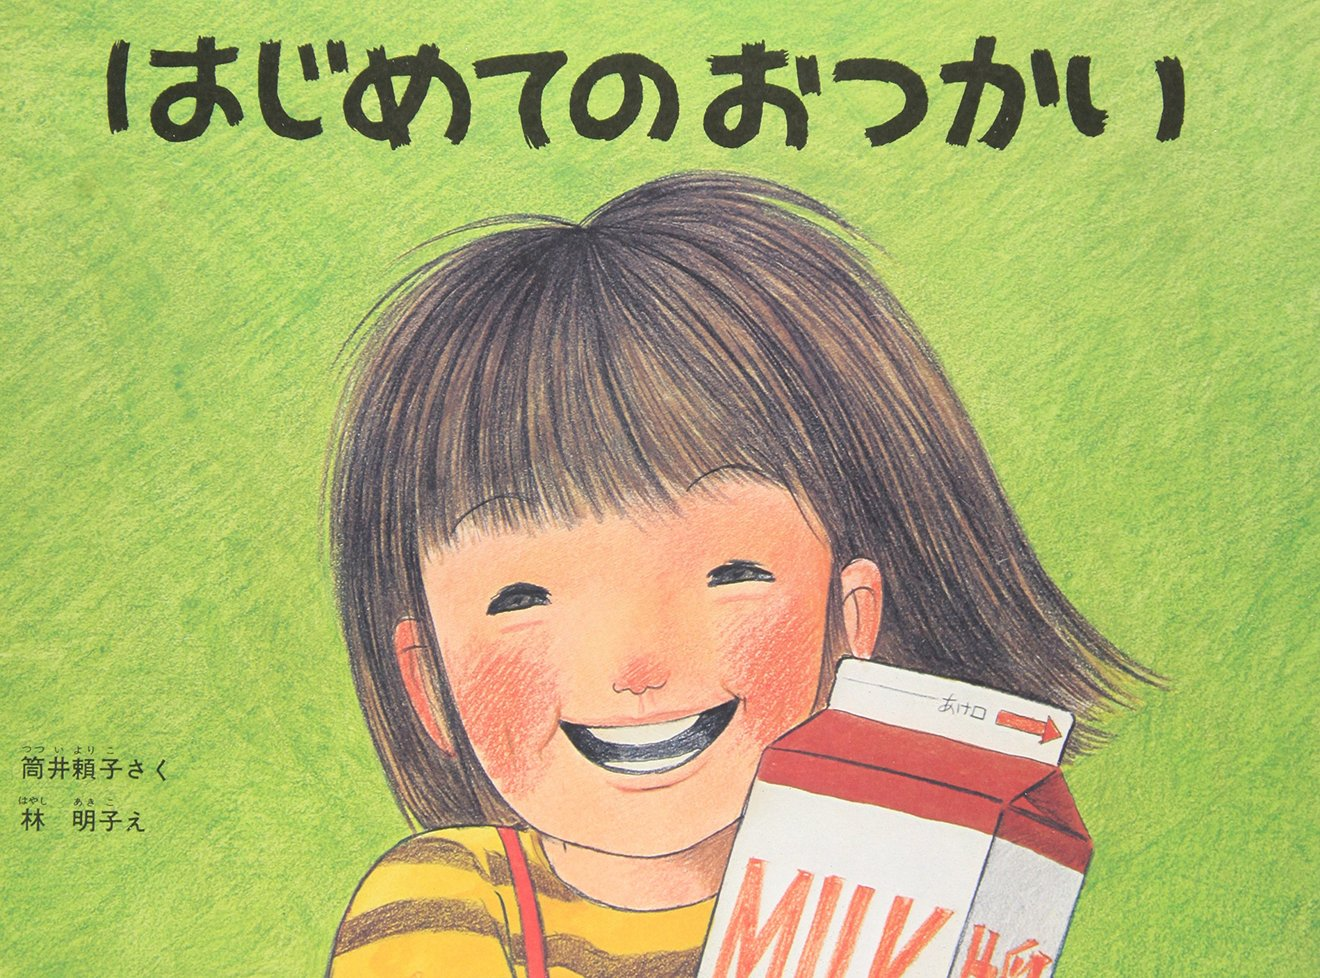 筒井頼子のおすすめ絵本5選!『はじめてのおつかい』など魅力的な作品たち